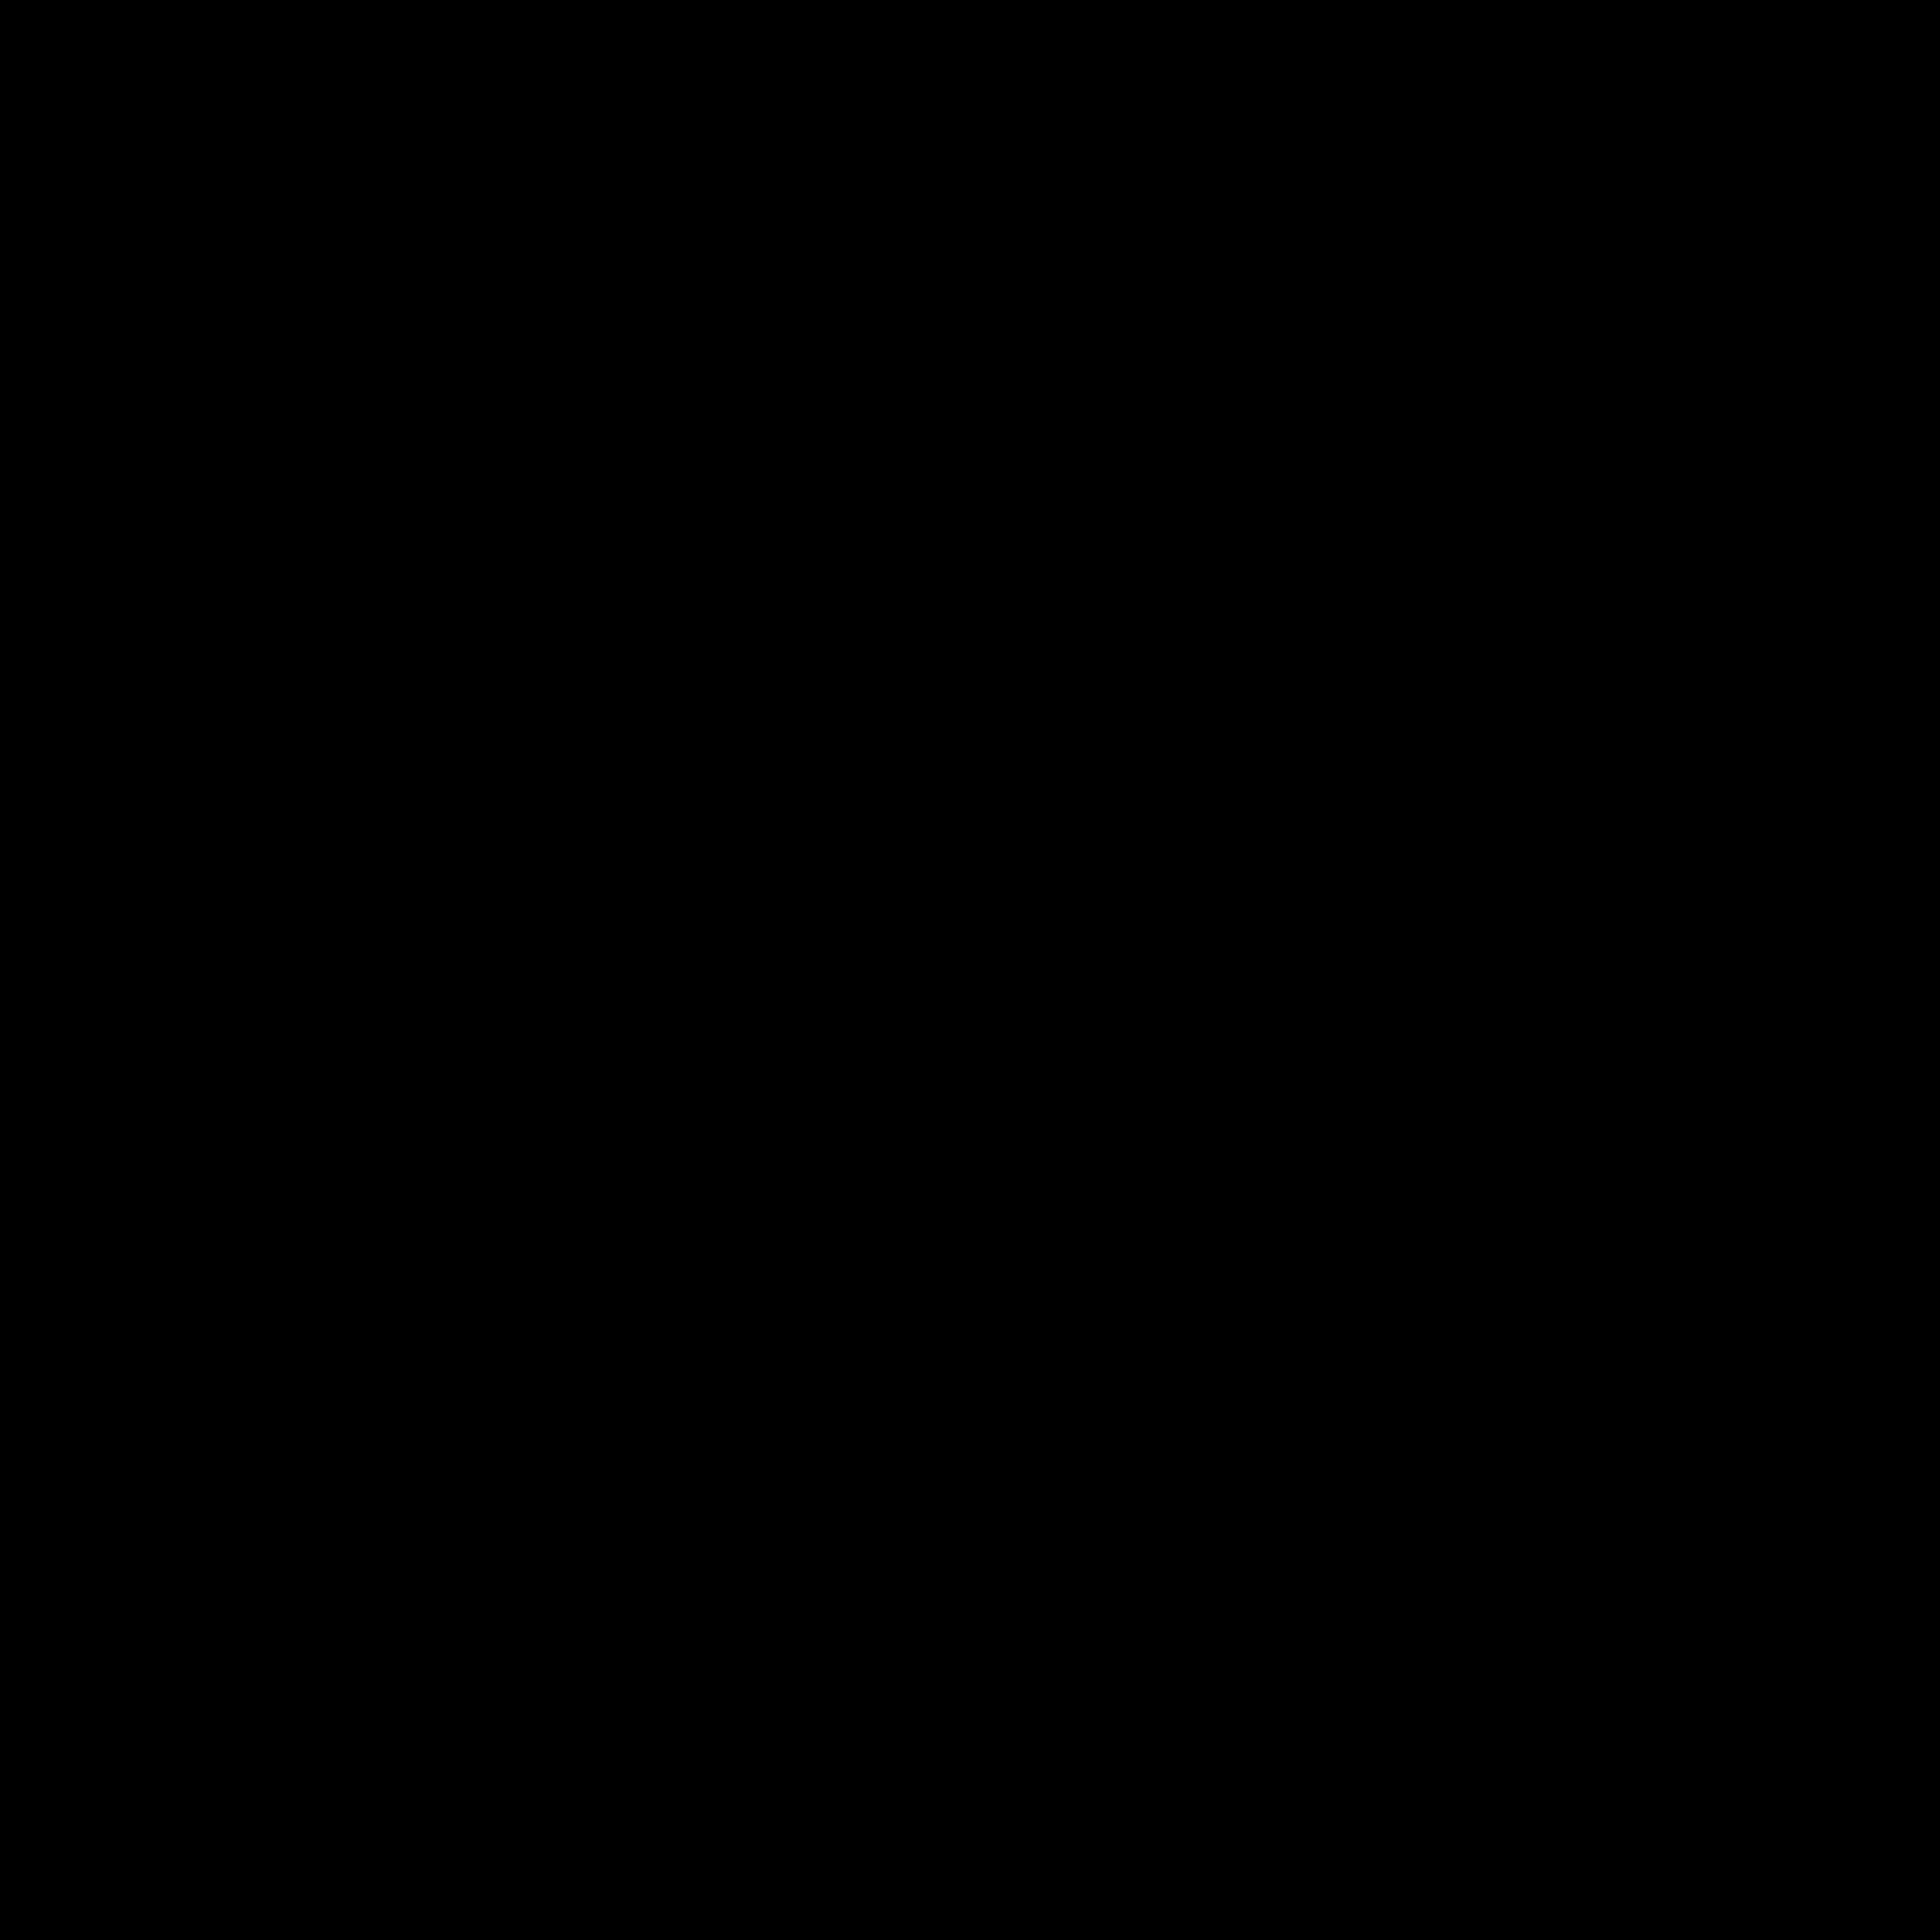 Naklejka na ścianę motyl mandale